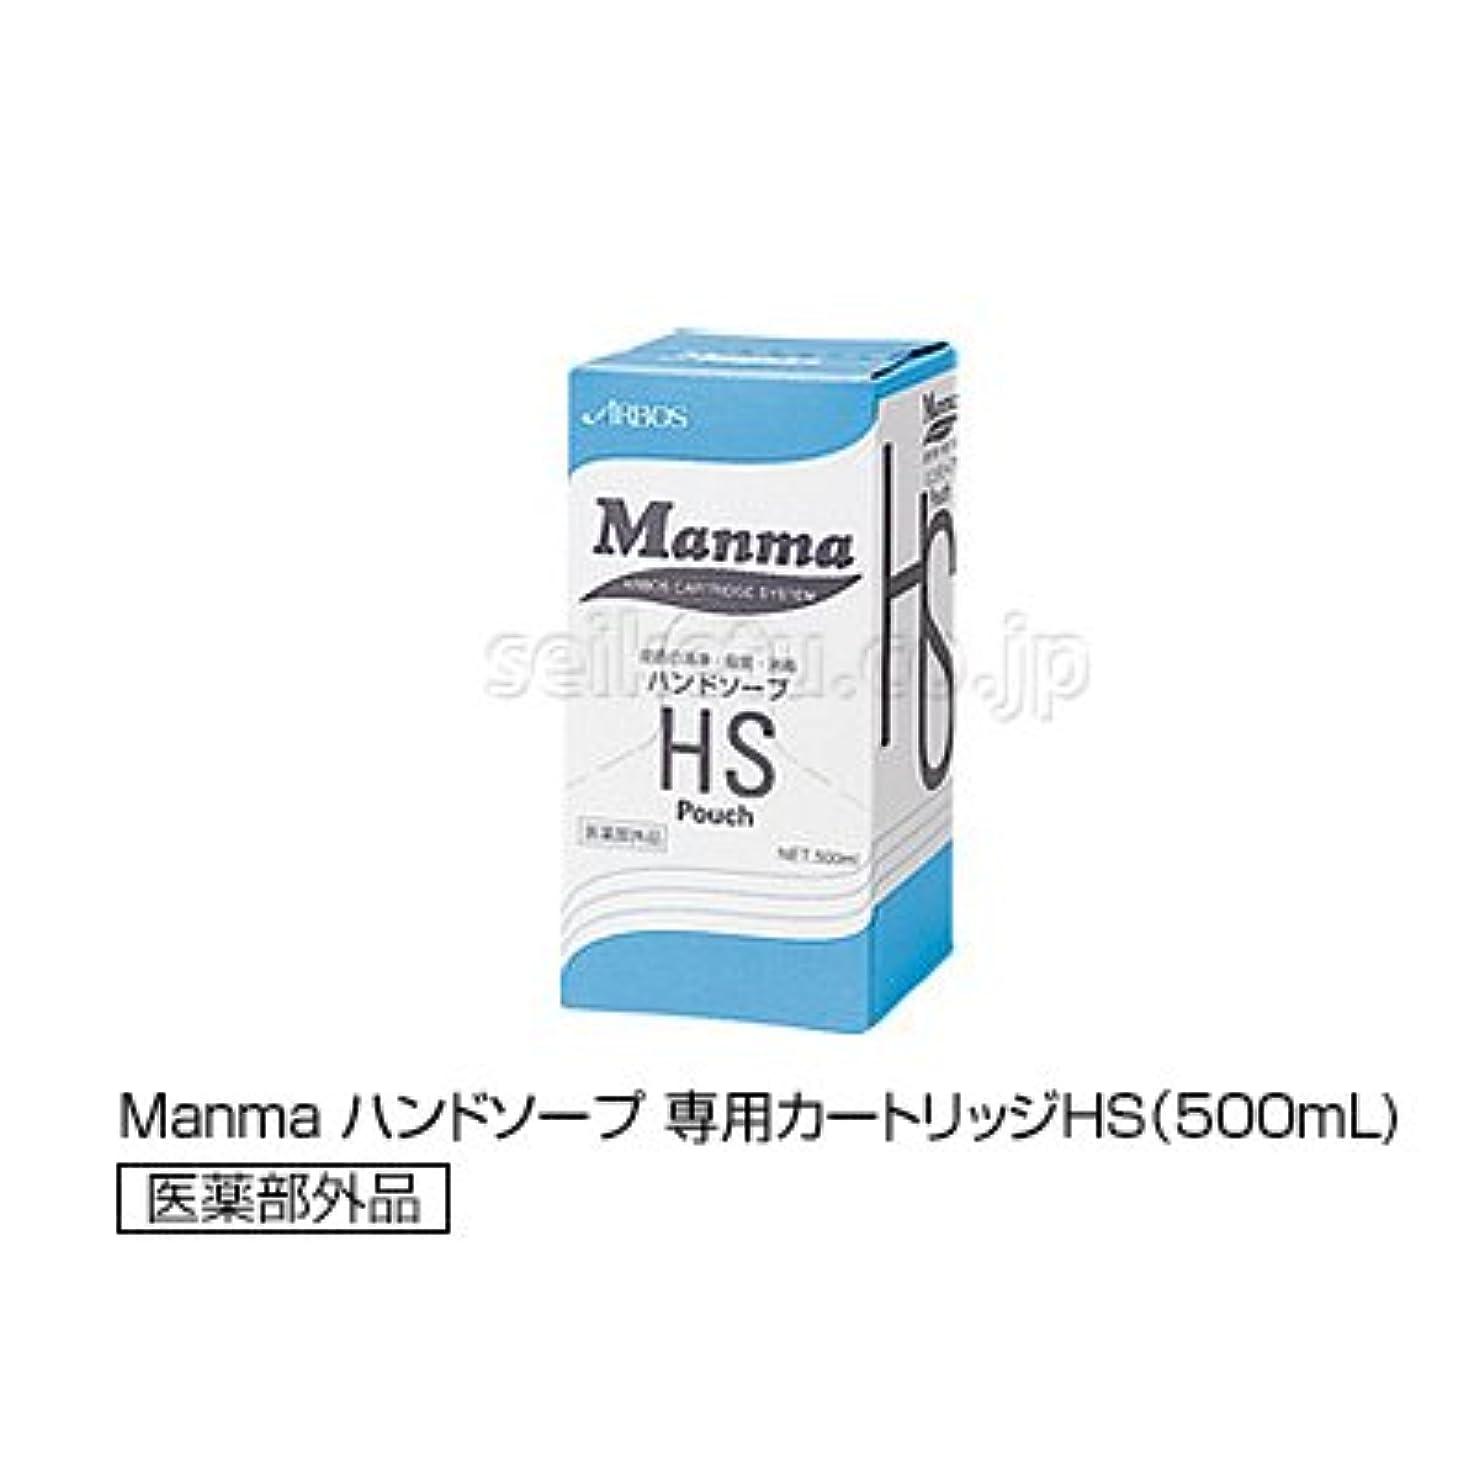 嵐が丘アイデアお酒Manma ハンドソープ 専用カートリッジ/専用カートリッジHS(500mL)【清潔キレイ館】